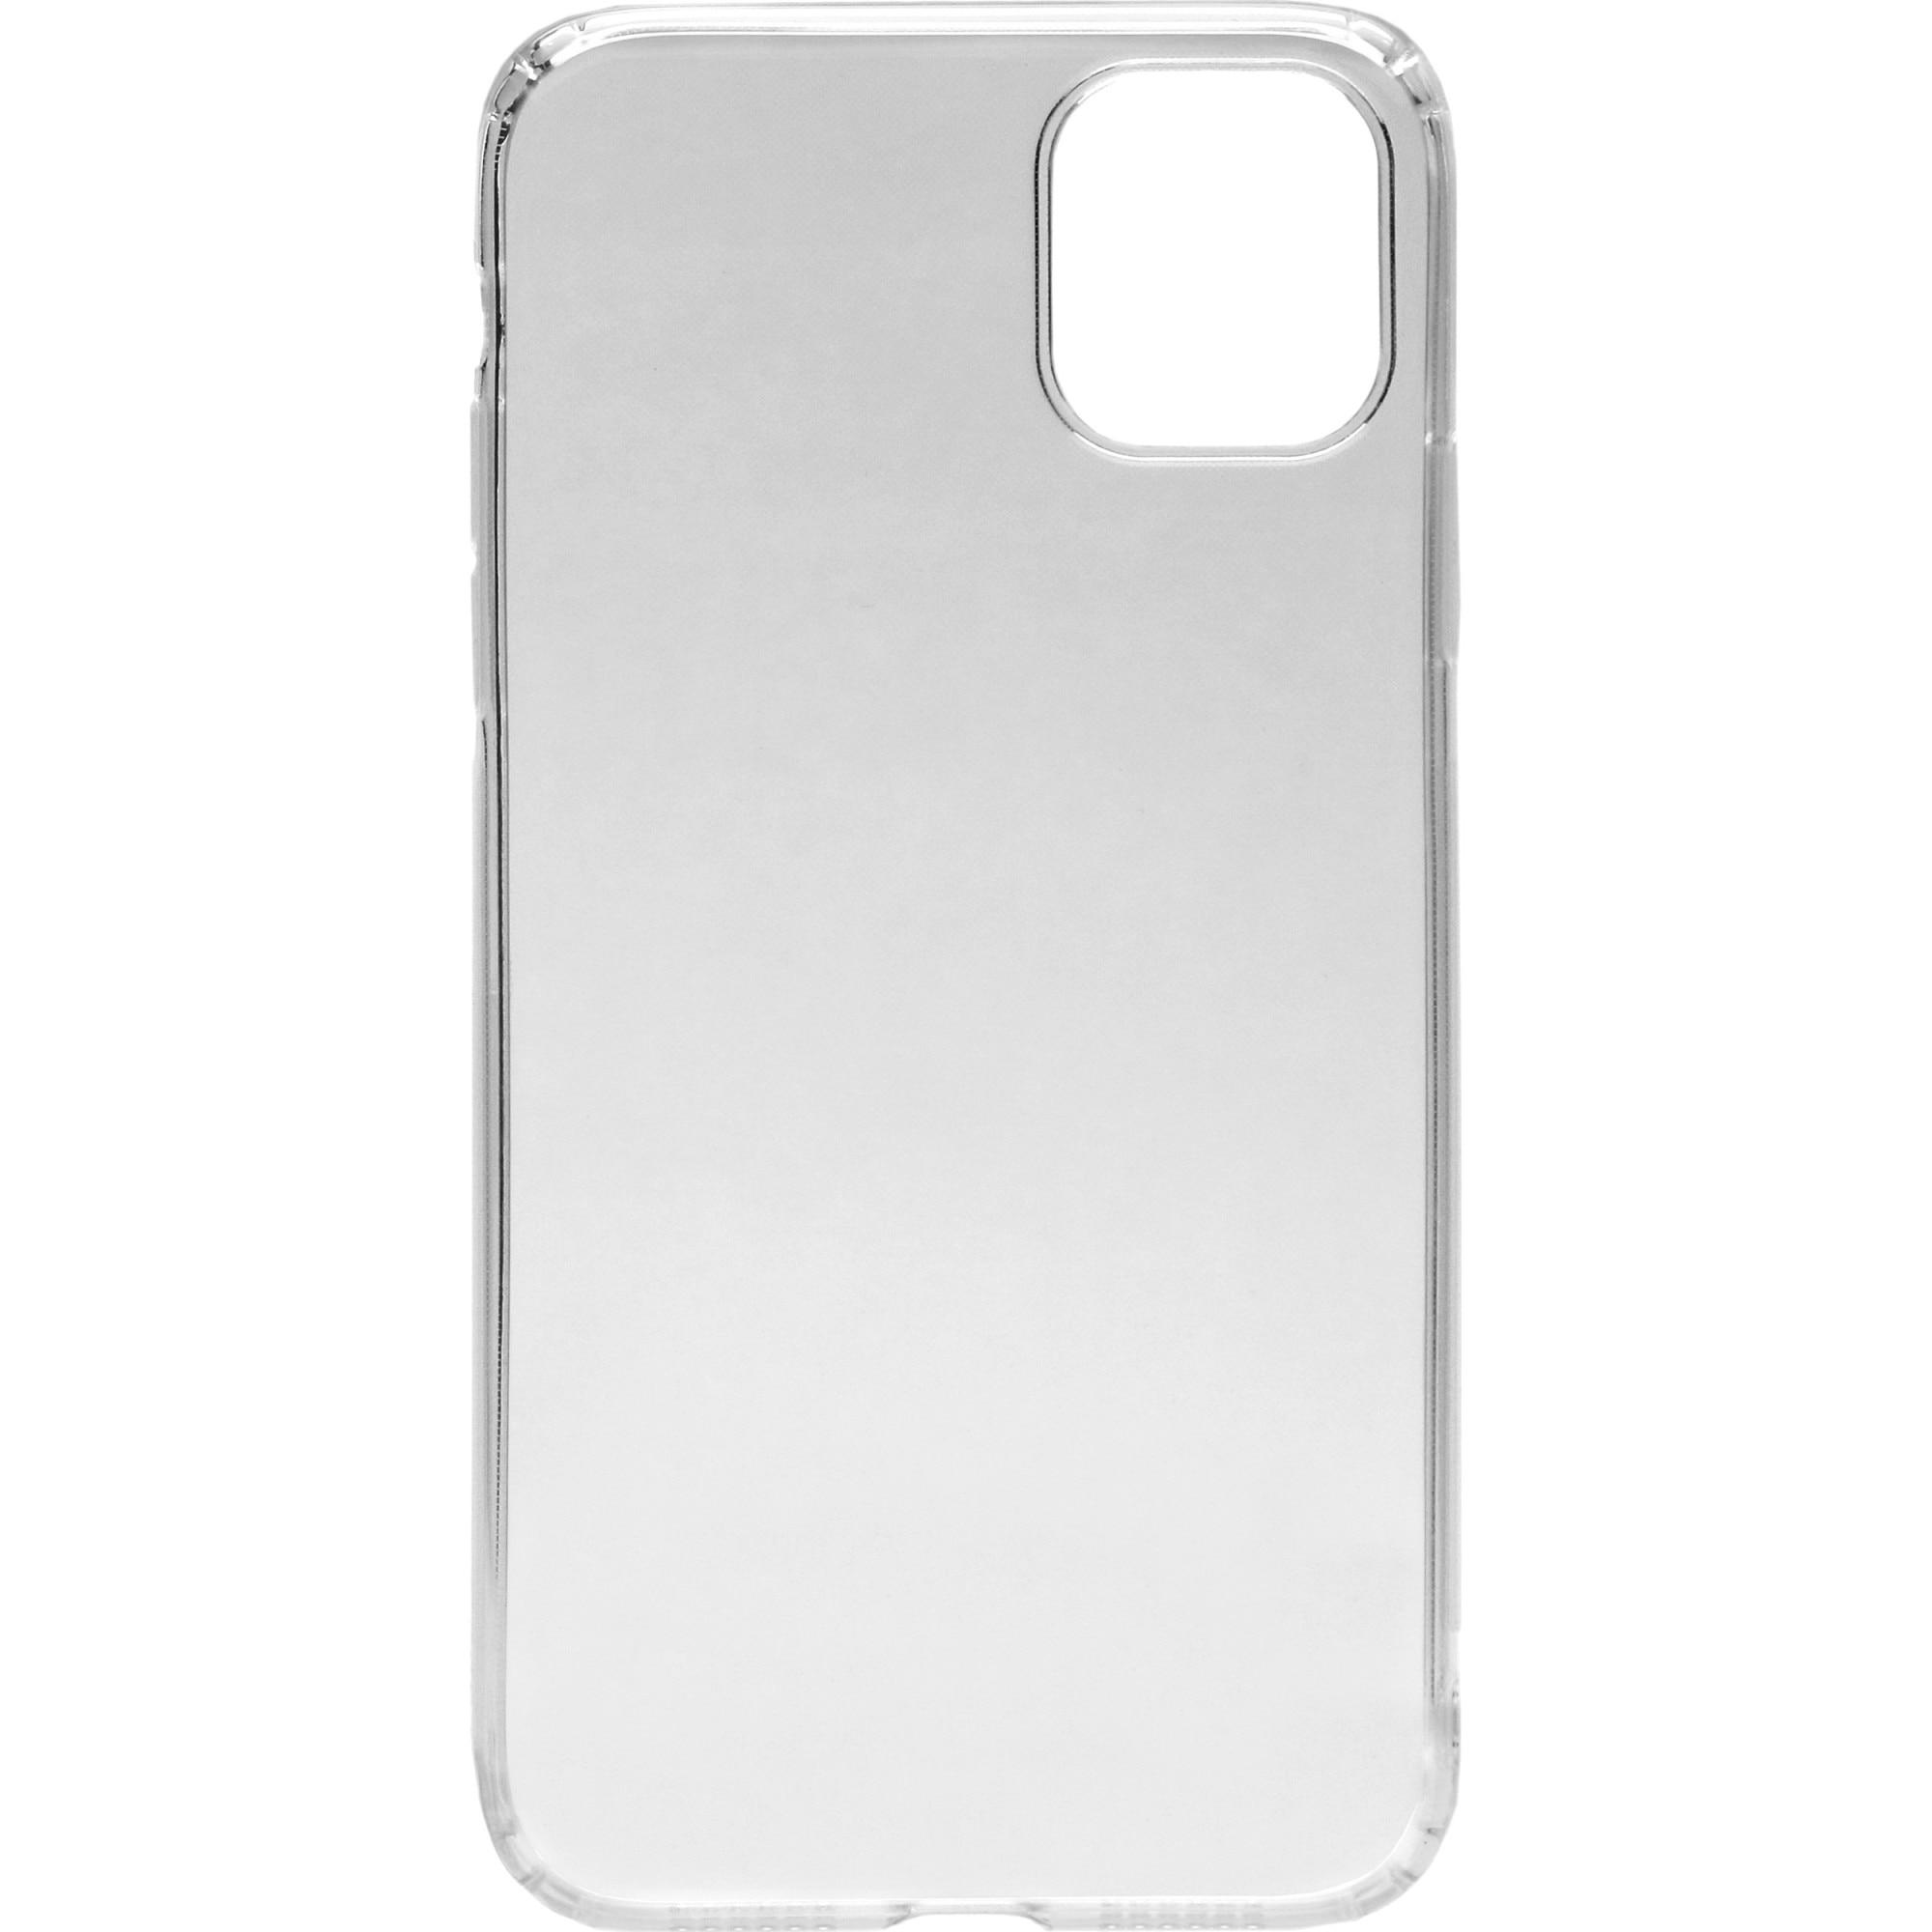 Fotografie Husa de protectie A+ Case Clear pentru iPhone 11 Pro Max